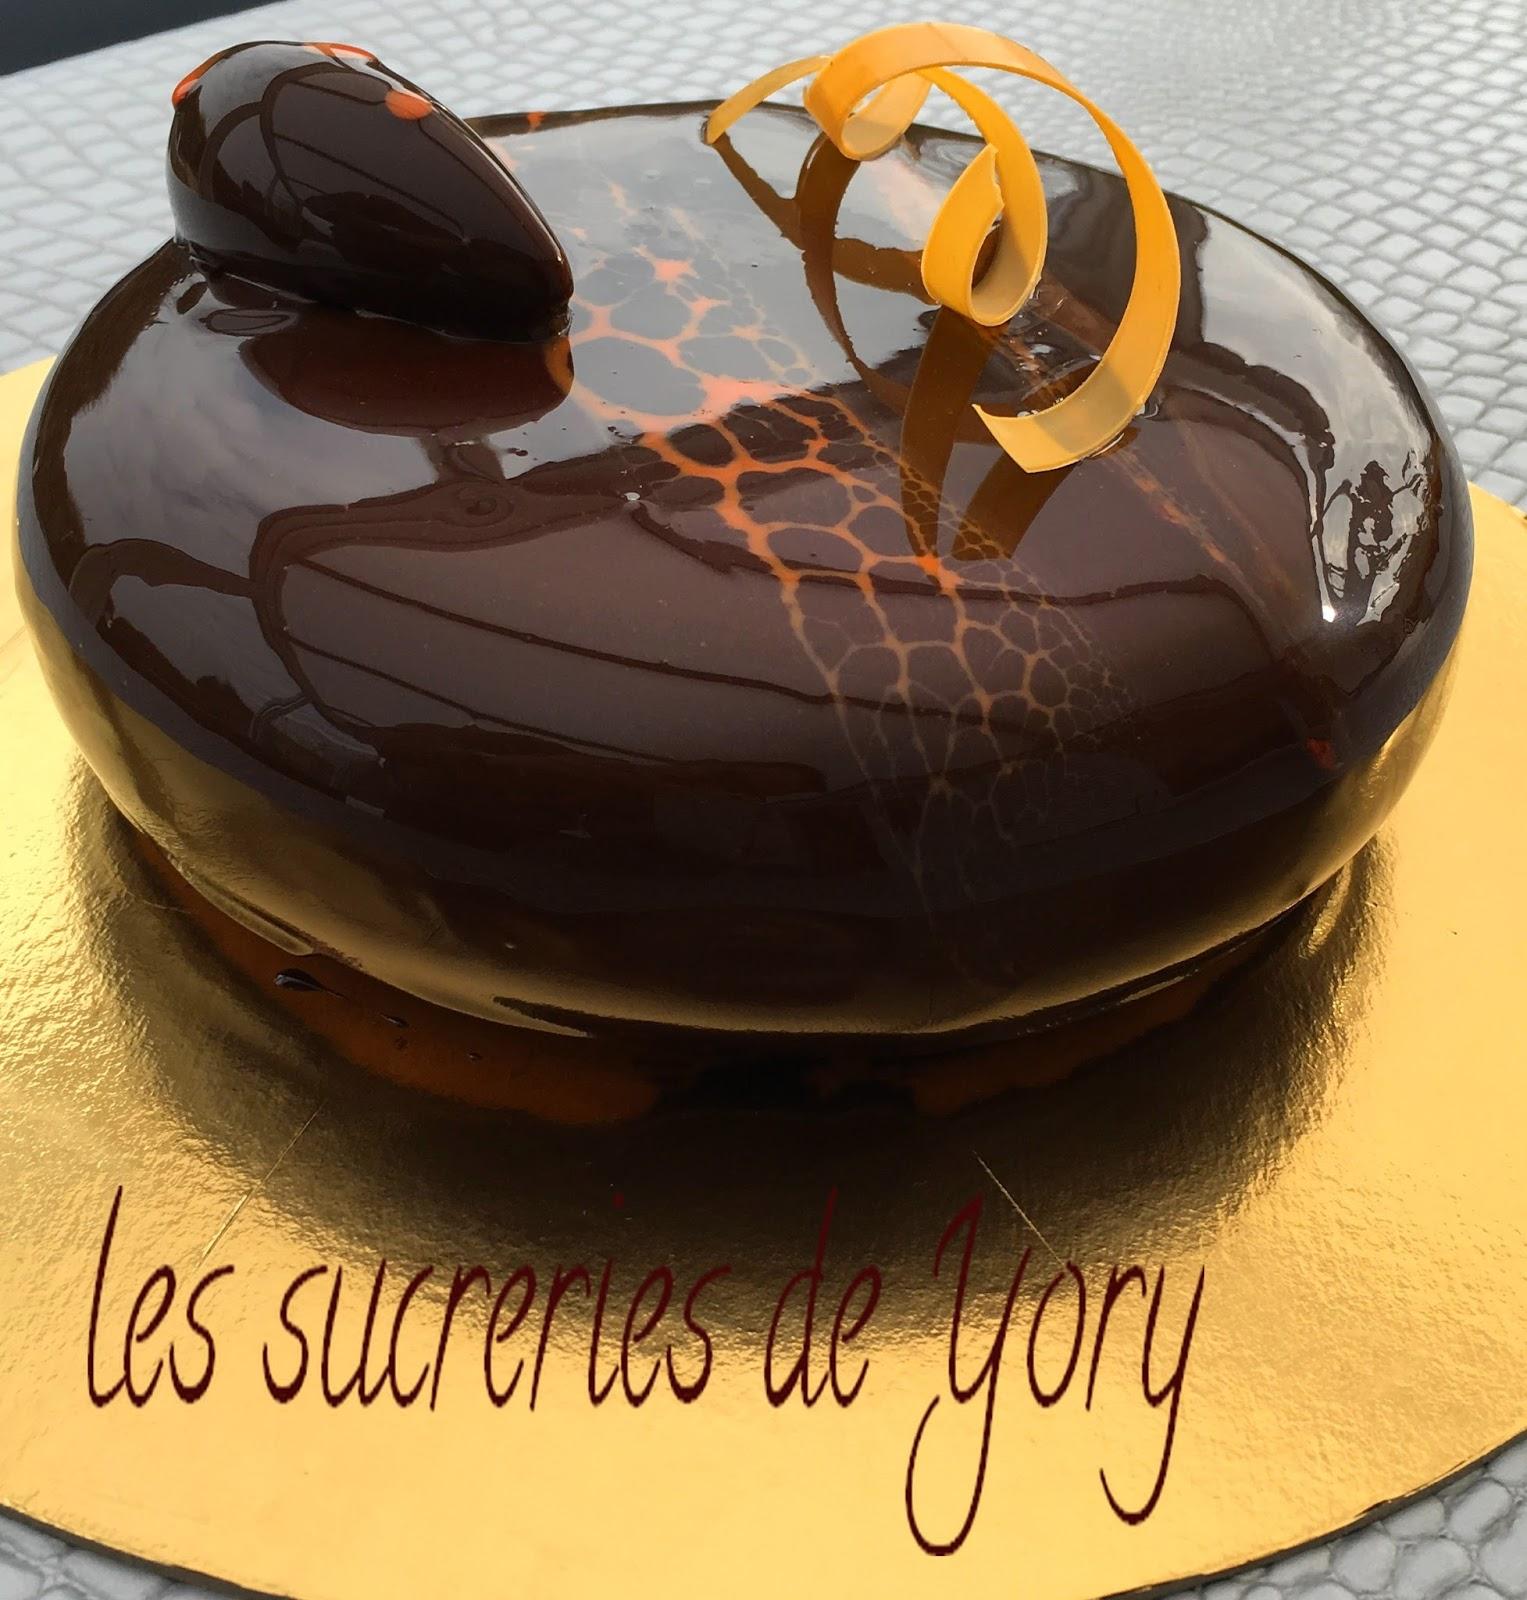 Les sucreries de yory g teau anniversaire 2 le choco passion for Glacage miroir neutre